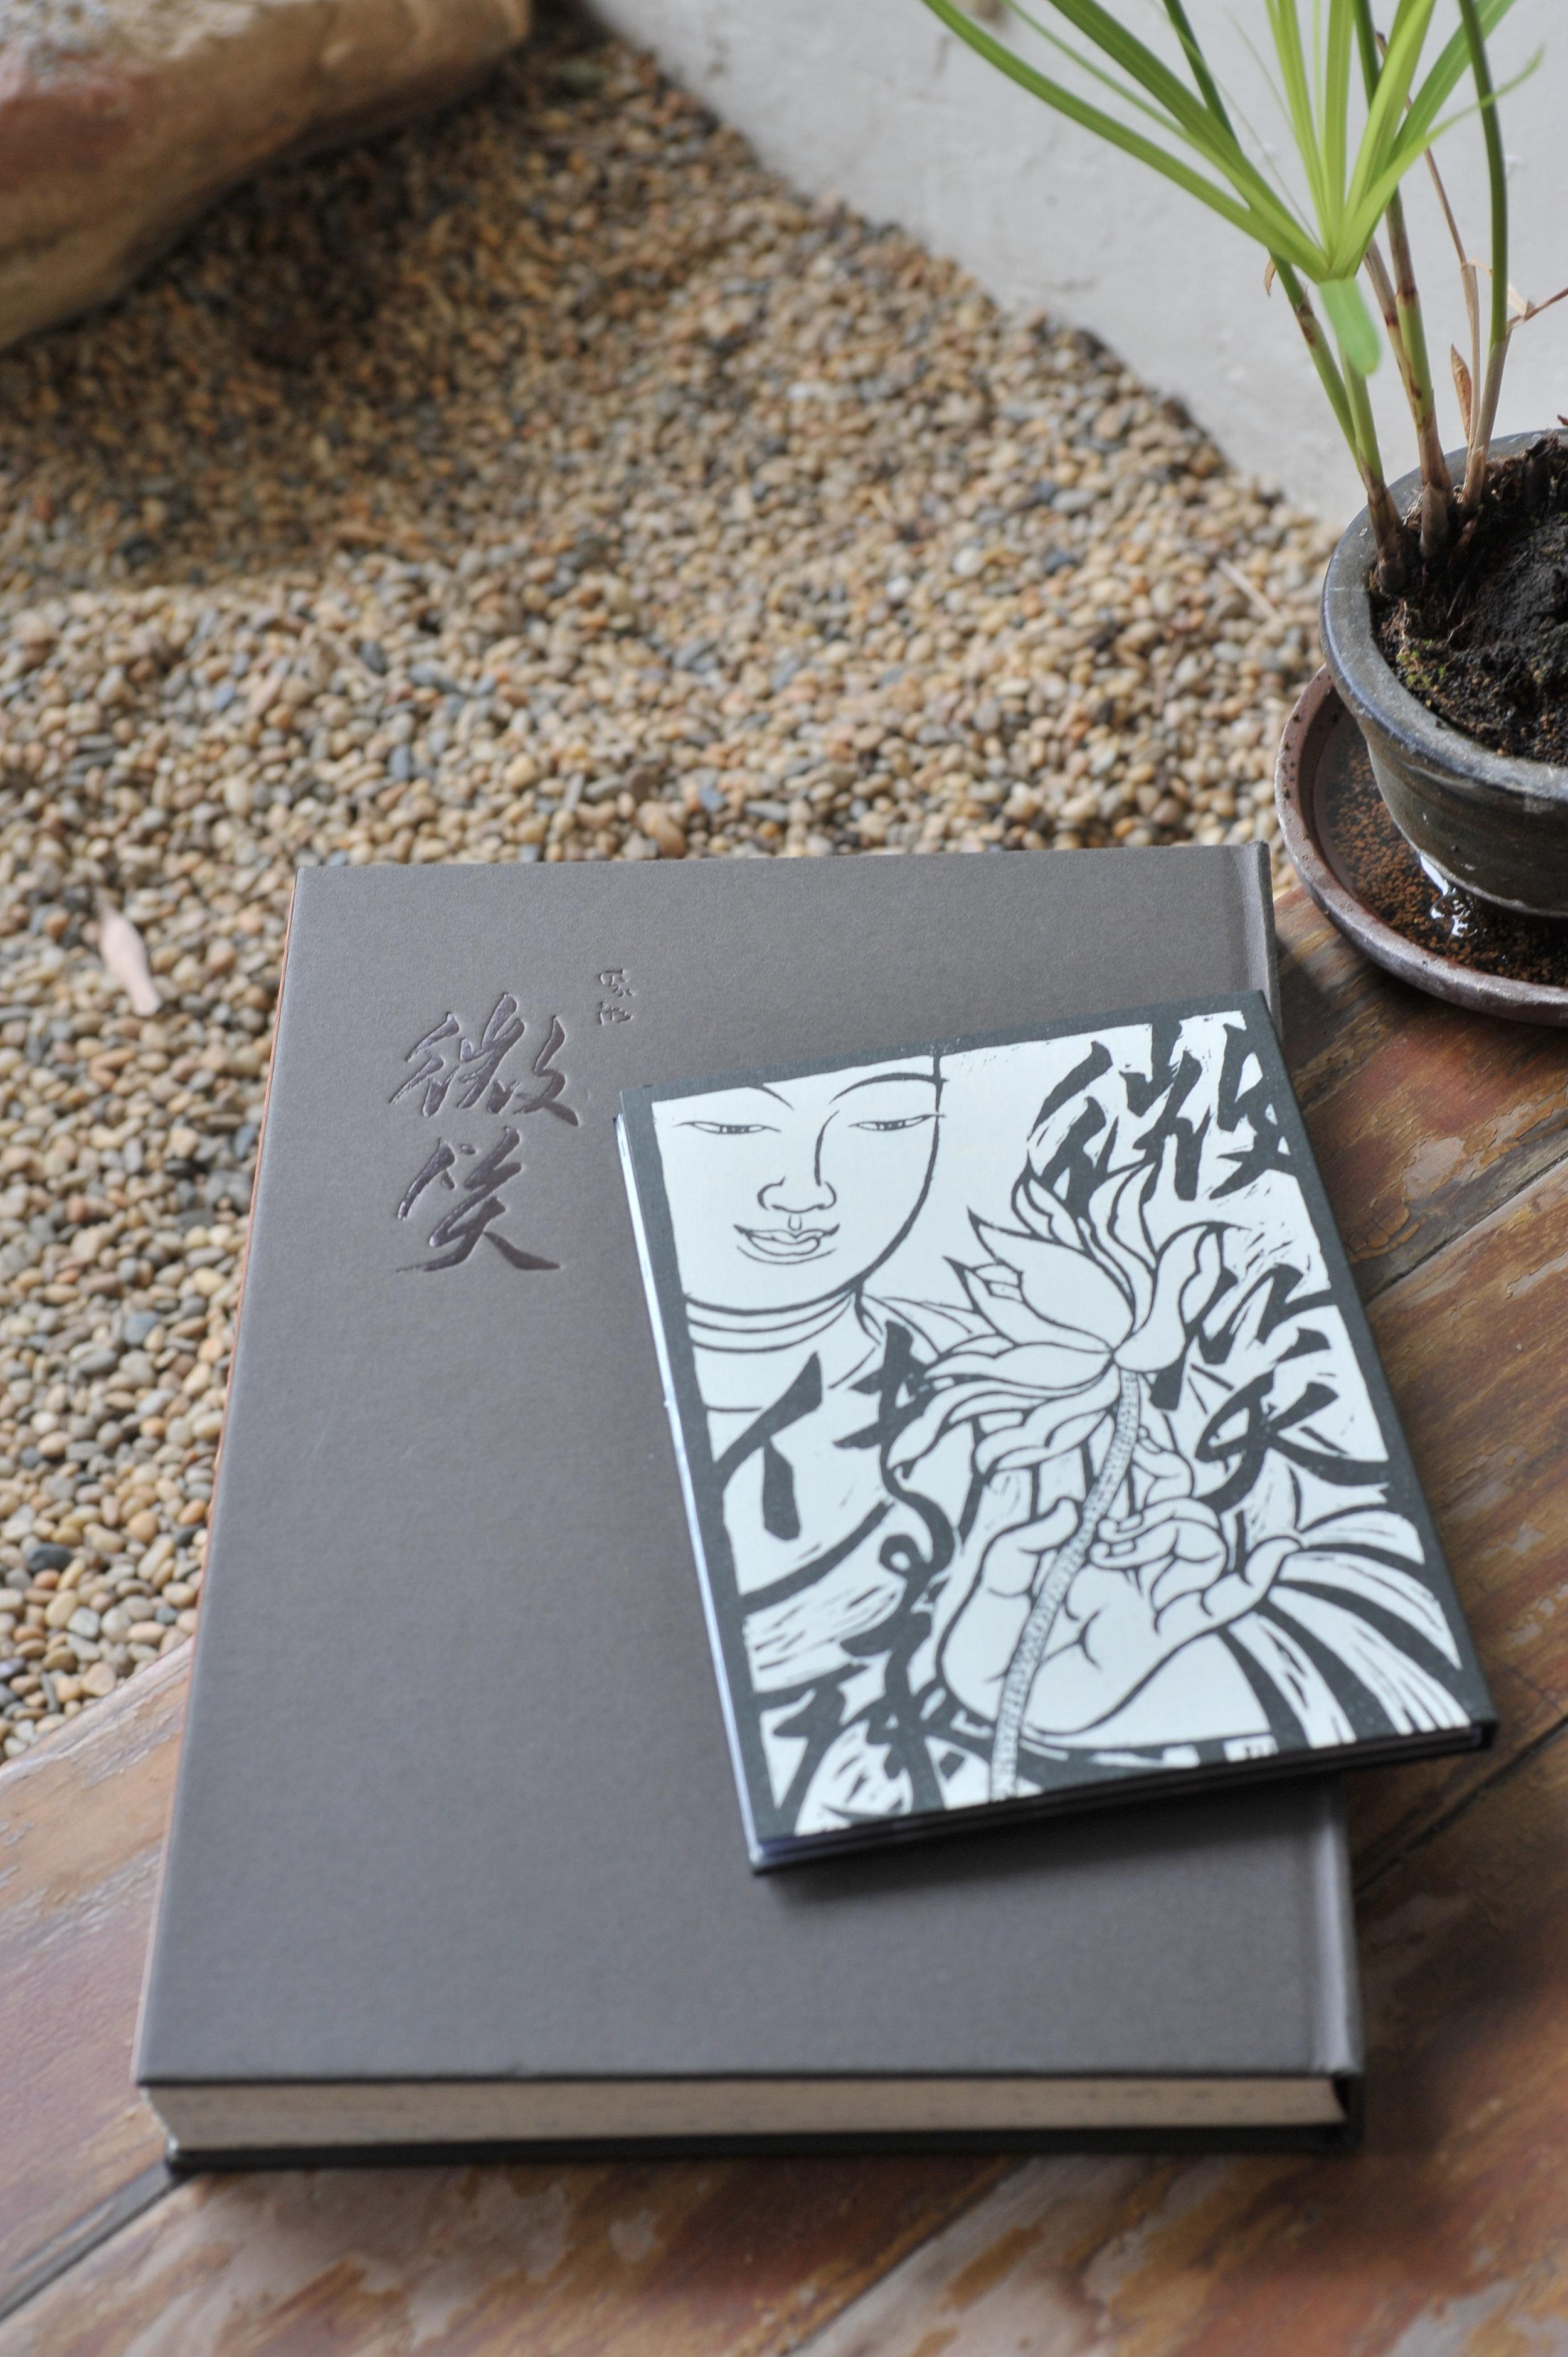 一、微笑傳承(DVD)    二、微笑無字書   無字書沒有任何片語隻字,而《微笑傳承》是一部影音作品,配合流動畫面,由奚淞親自口述三十年畫觀音的心路歷程,也傳授創作白描的獨門手藝。